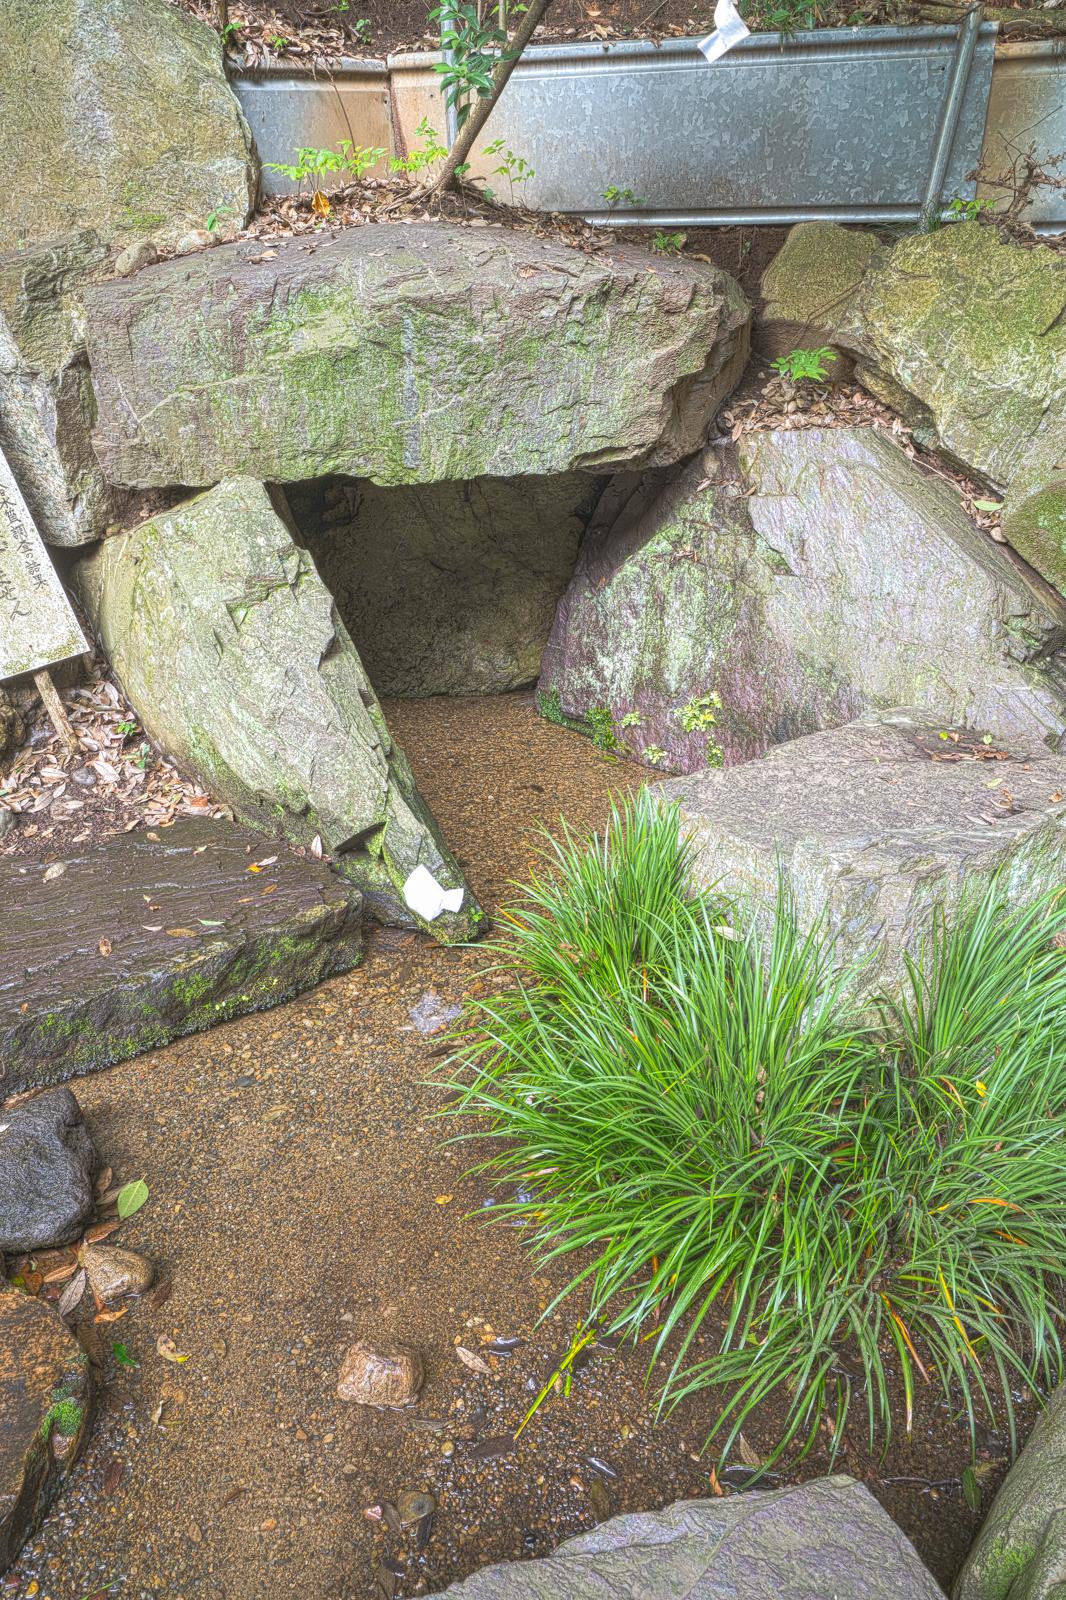 ハケ(国分寺崖線)下の岩の間から湧出する湧水の写真